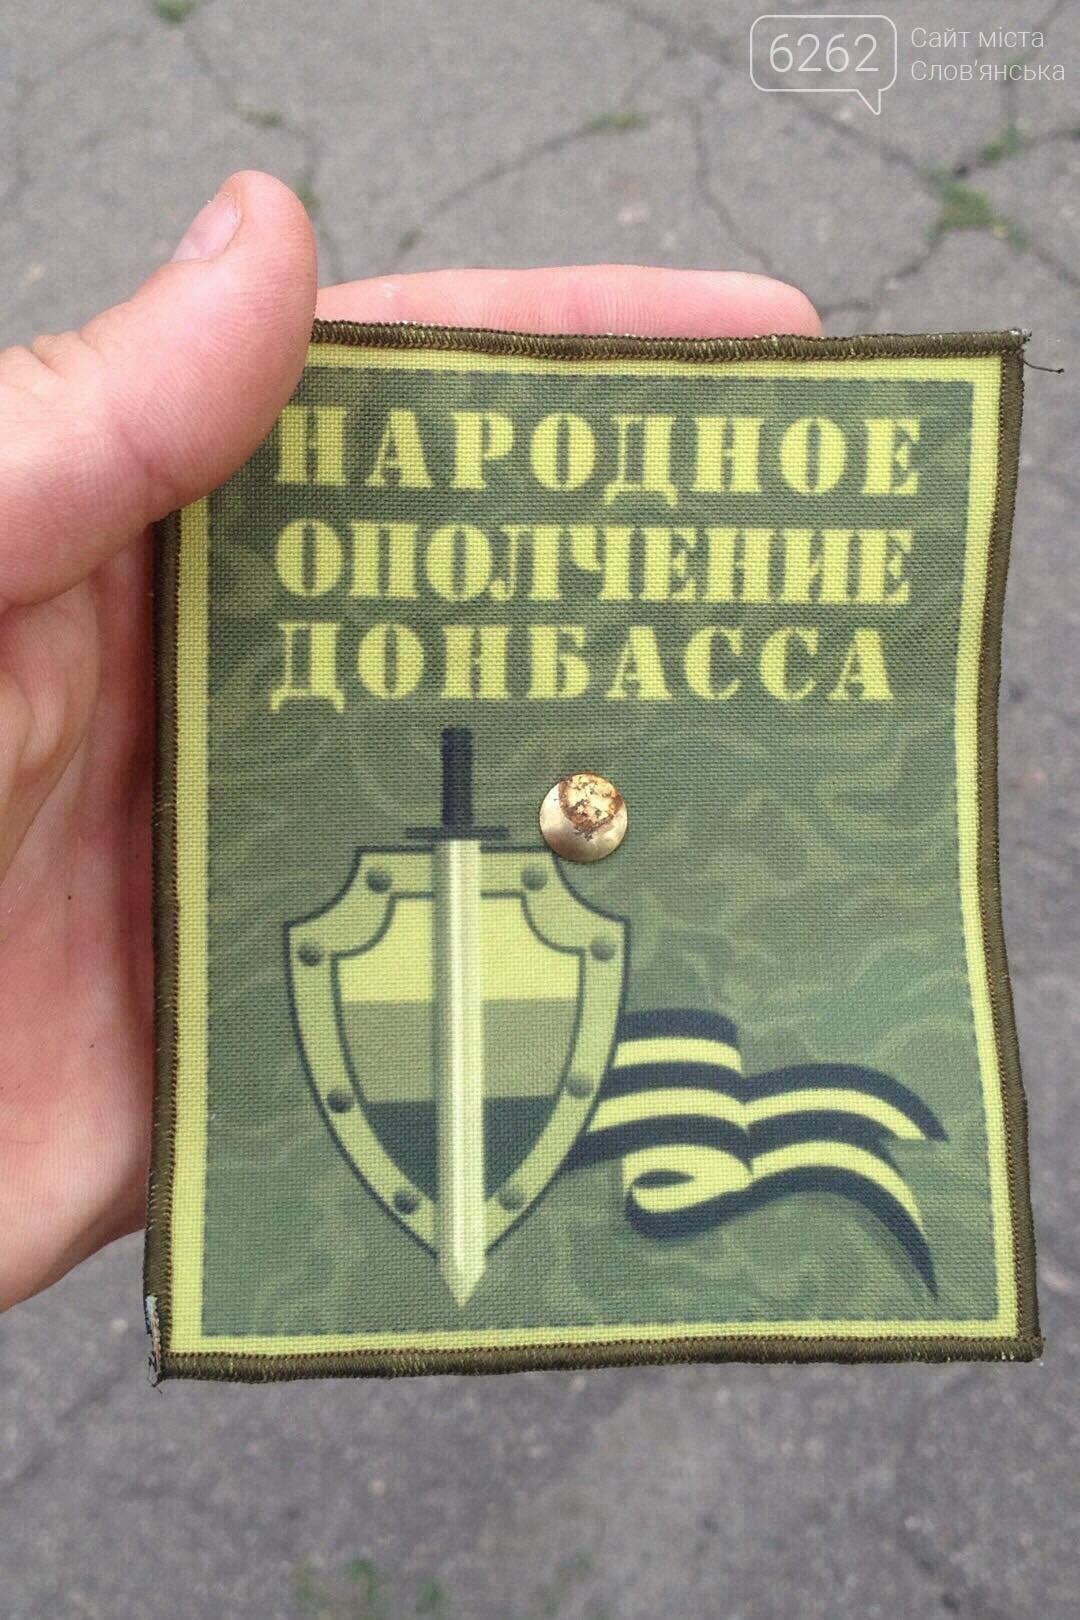 Нашивки сепаратистов в Славянске. Что говорит полиция, фото-1